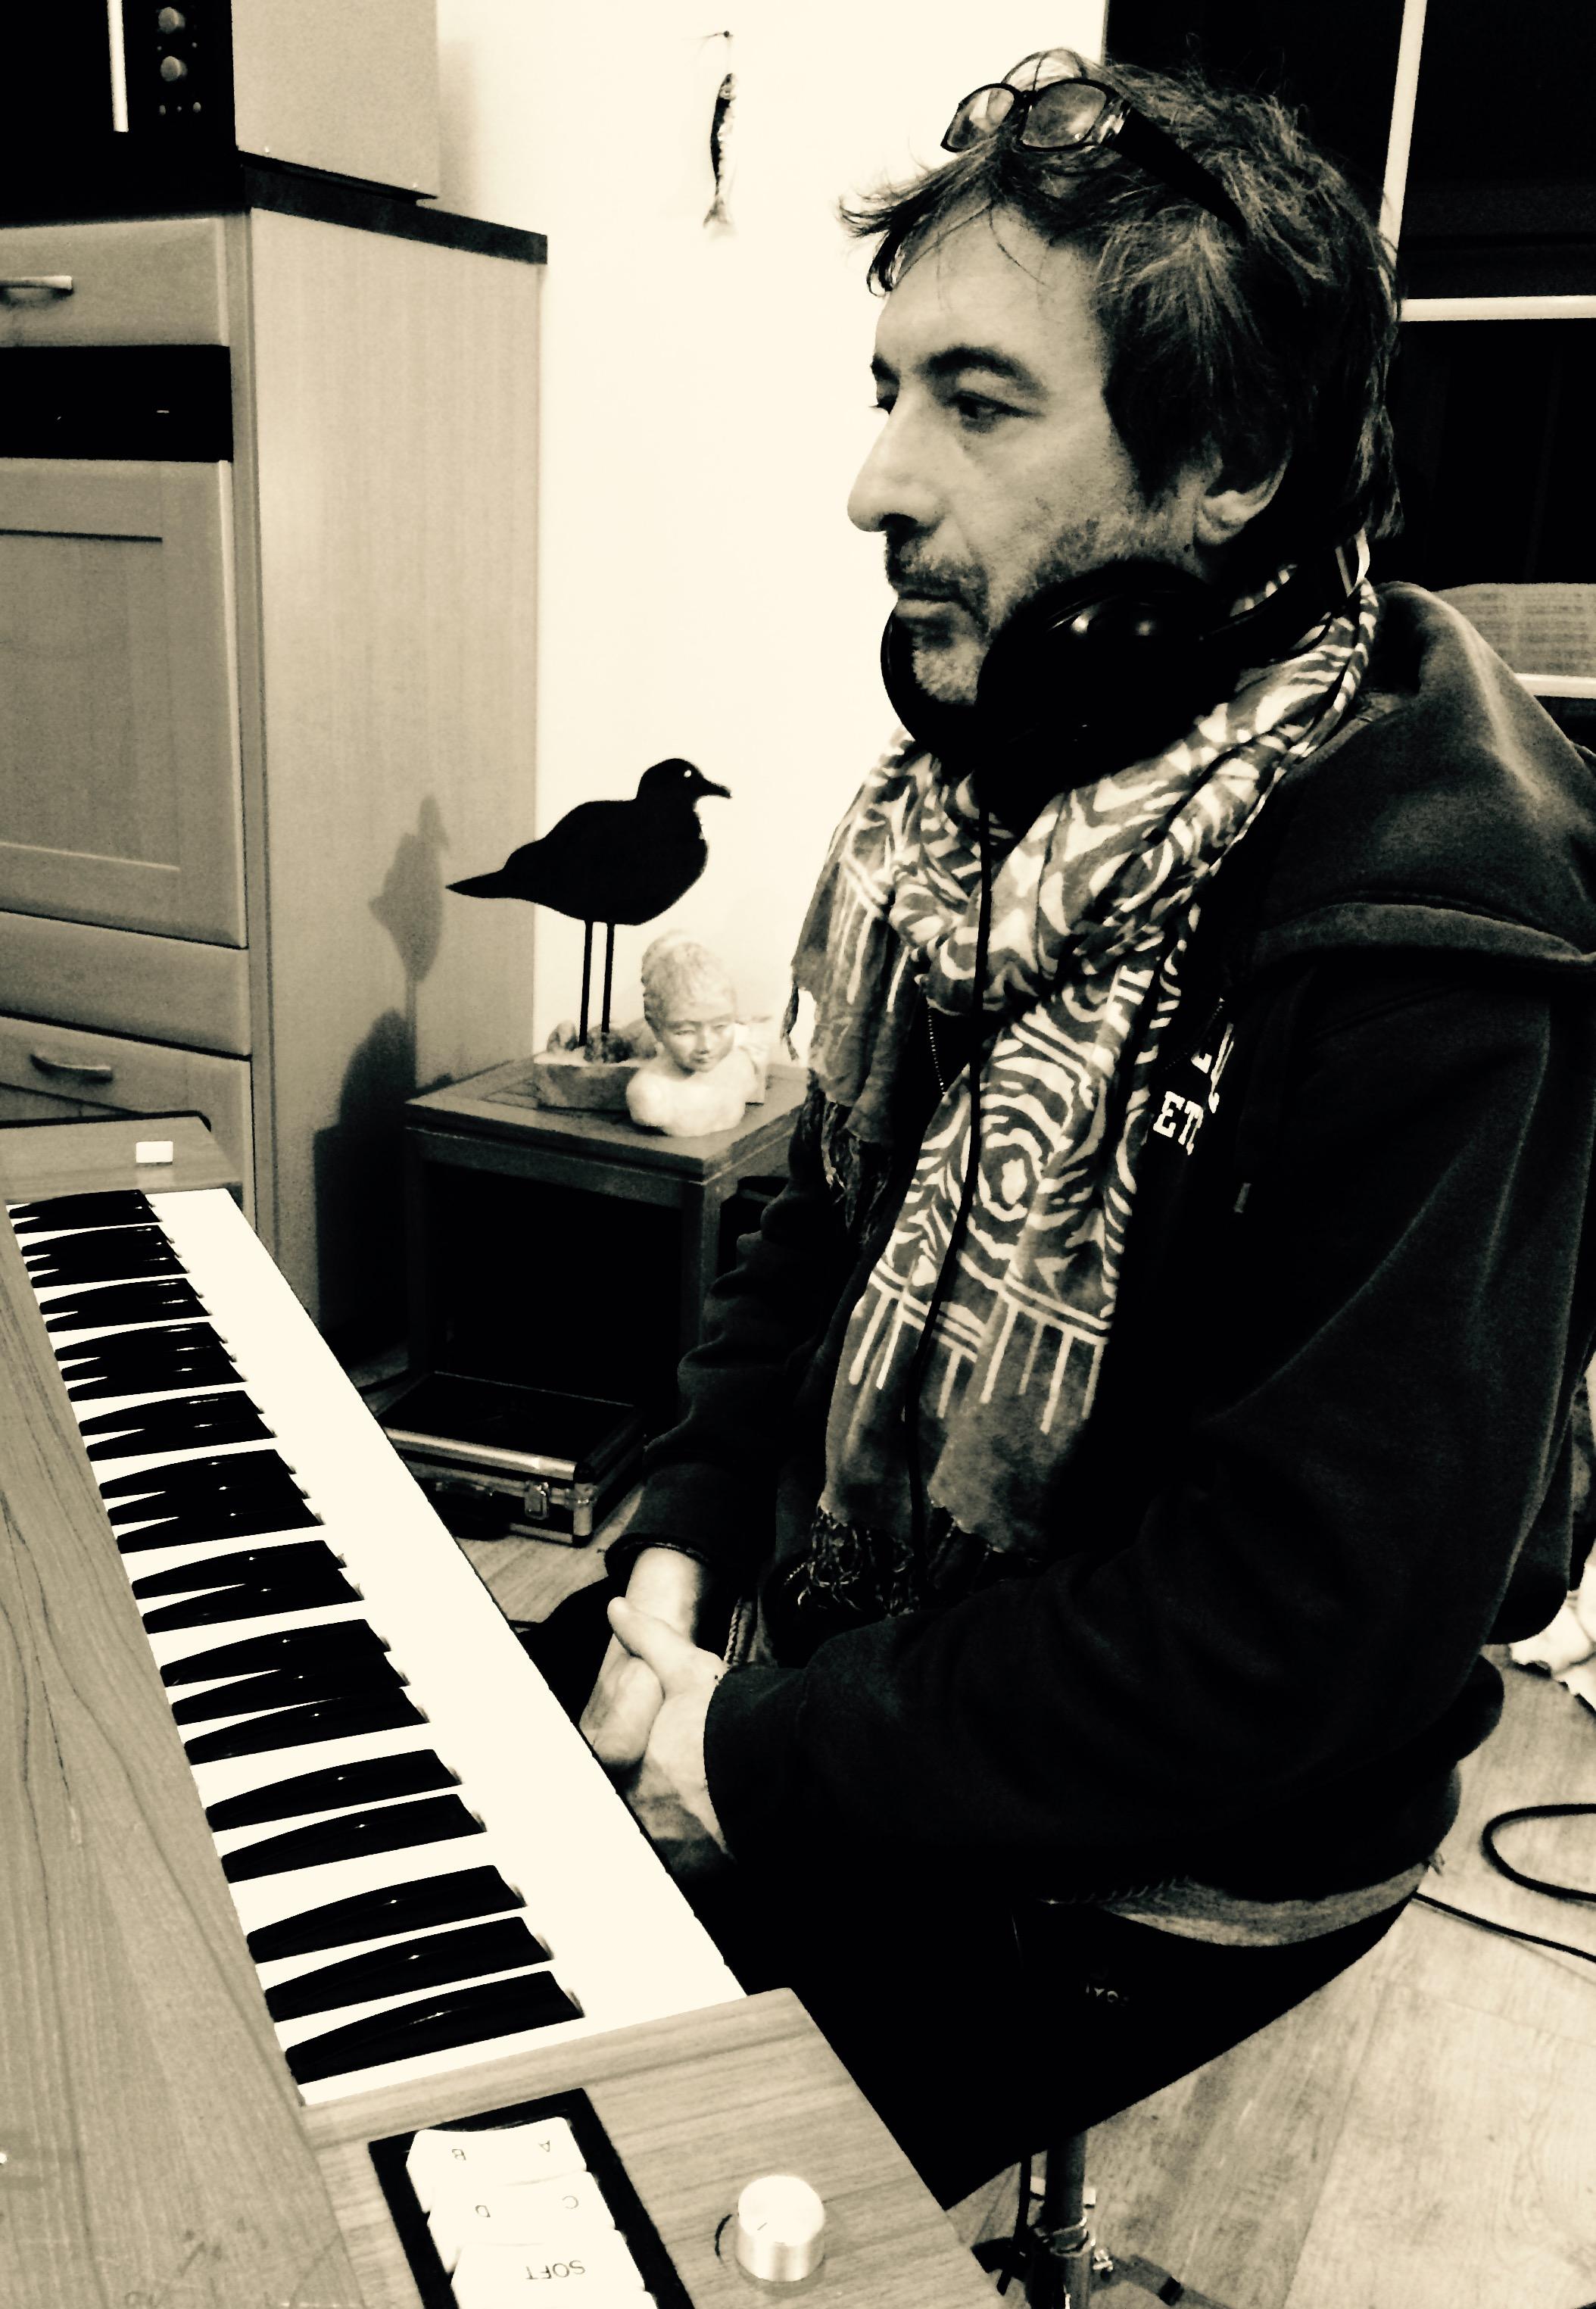 Recording new album - Emmanuel Borghi